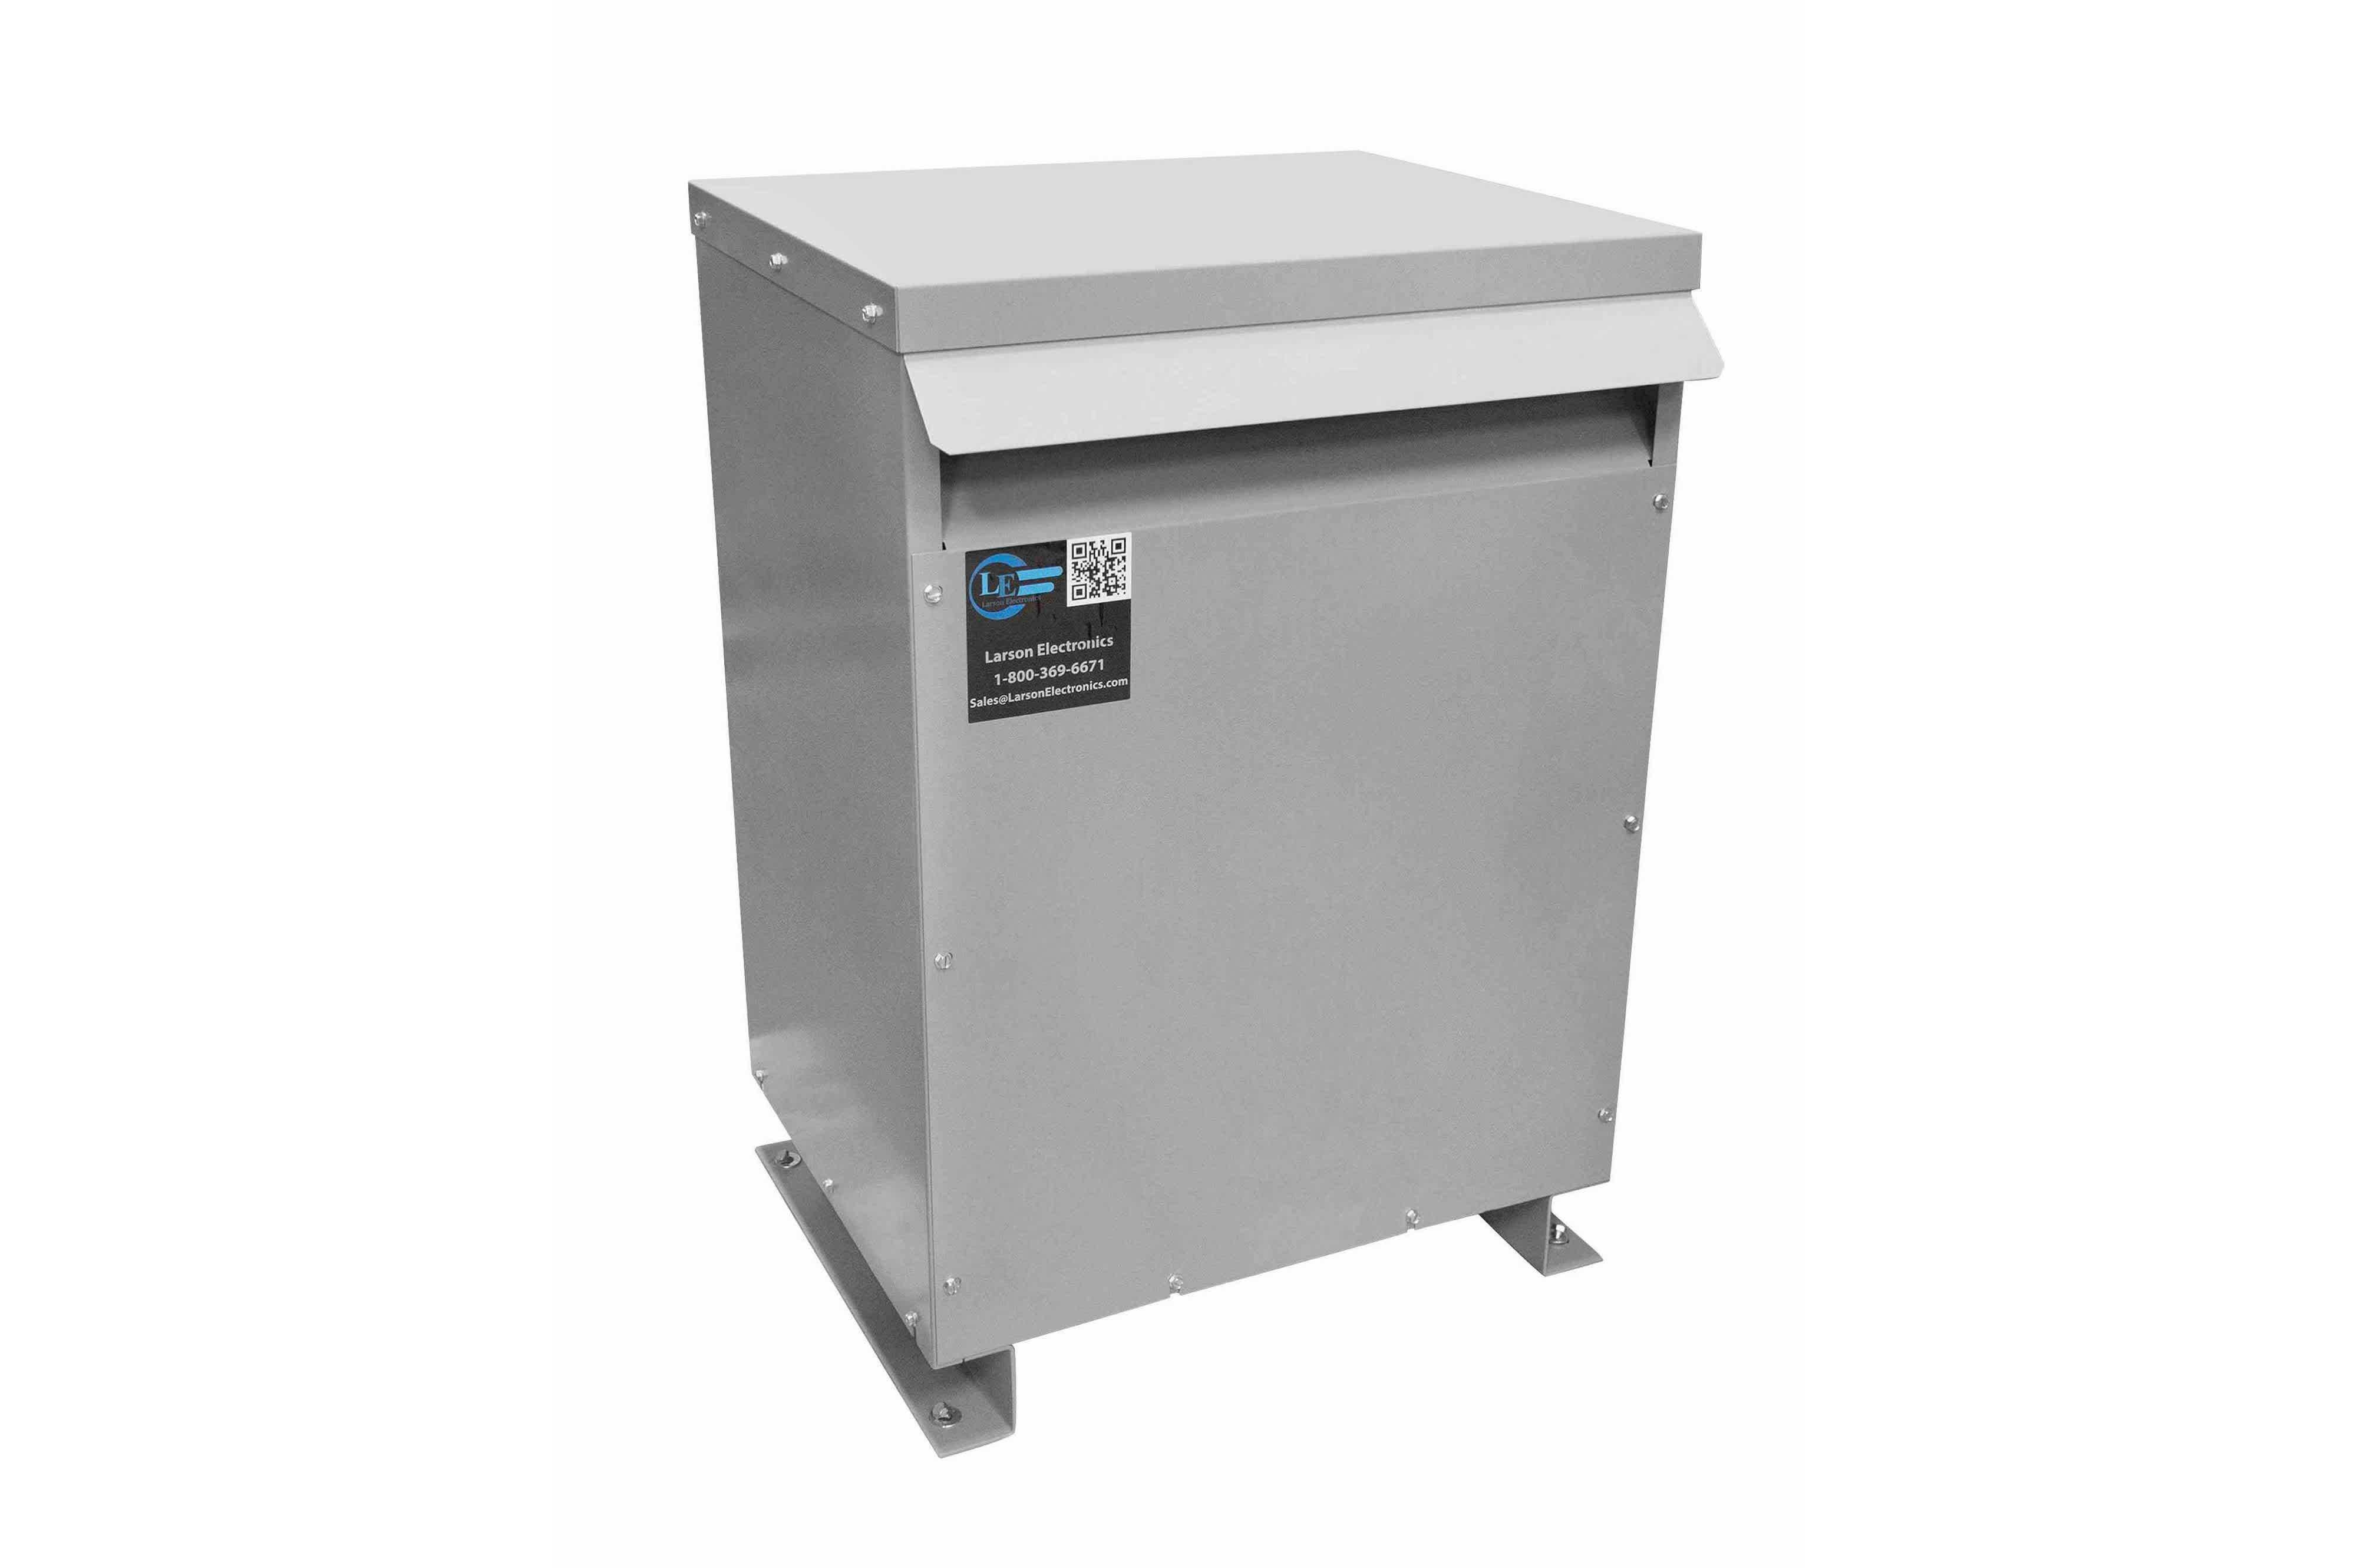 55 kVA 3PH Isolation Transformer, 460V Delta Primary, 600V Delta Secondary, N3R, Ventilated, 60 Hz